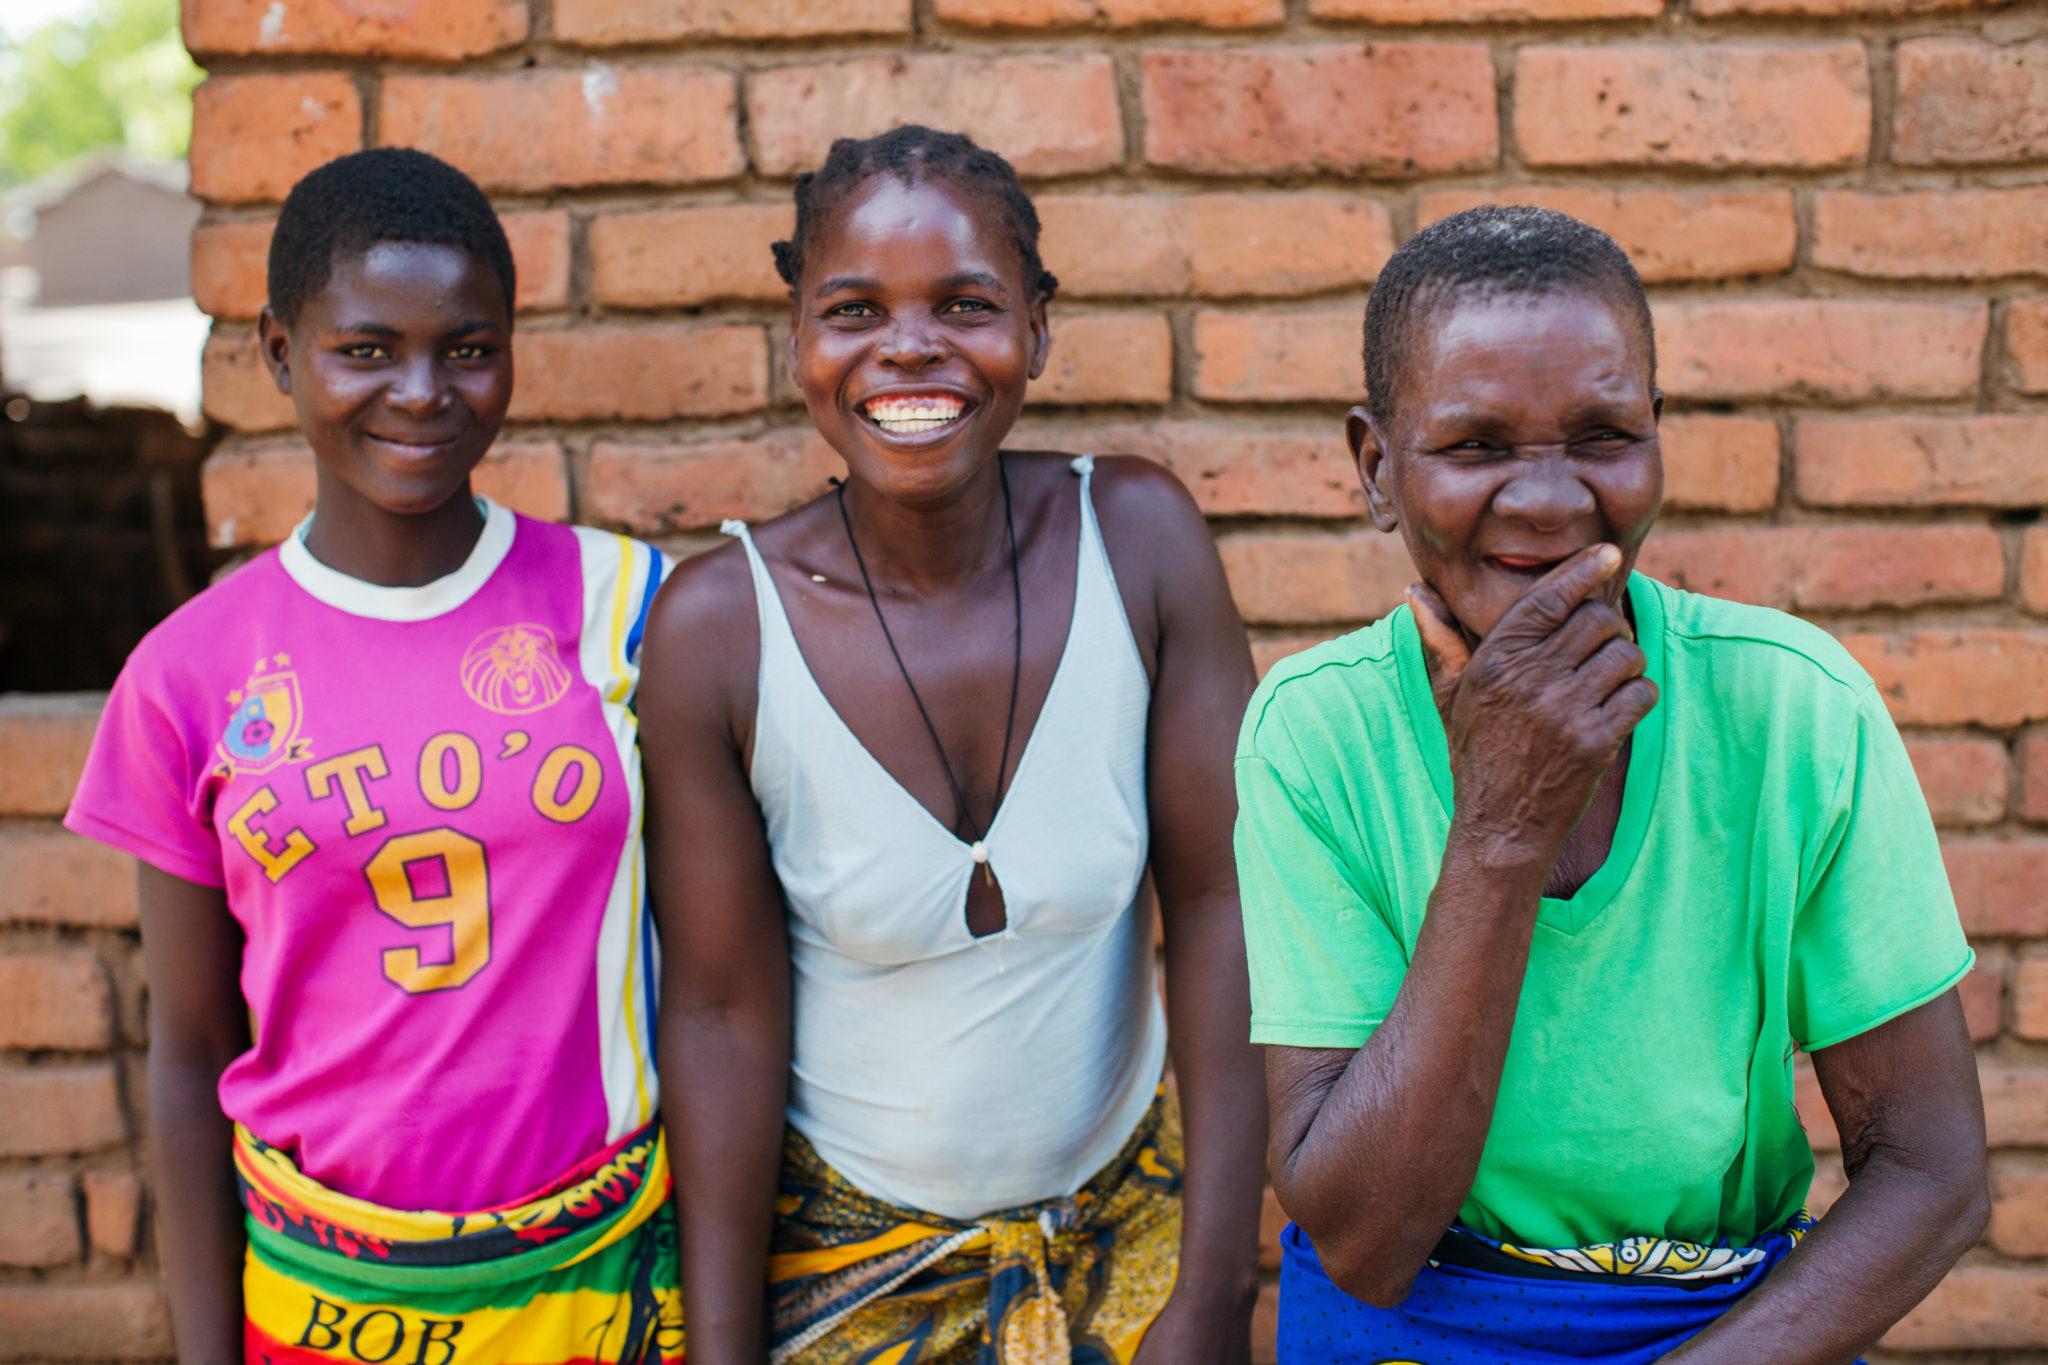 Malawi_2016_Chikwawa_Chamera_generation_Malawi_2016_MalawiMarCommAfrica2016R42_MarCommAfrica2016R41_MalawiMarCommAfrica2016R40_Consent 3